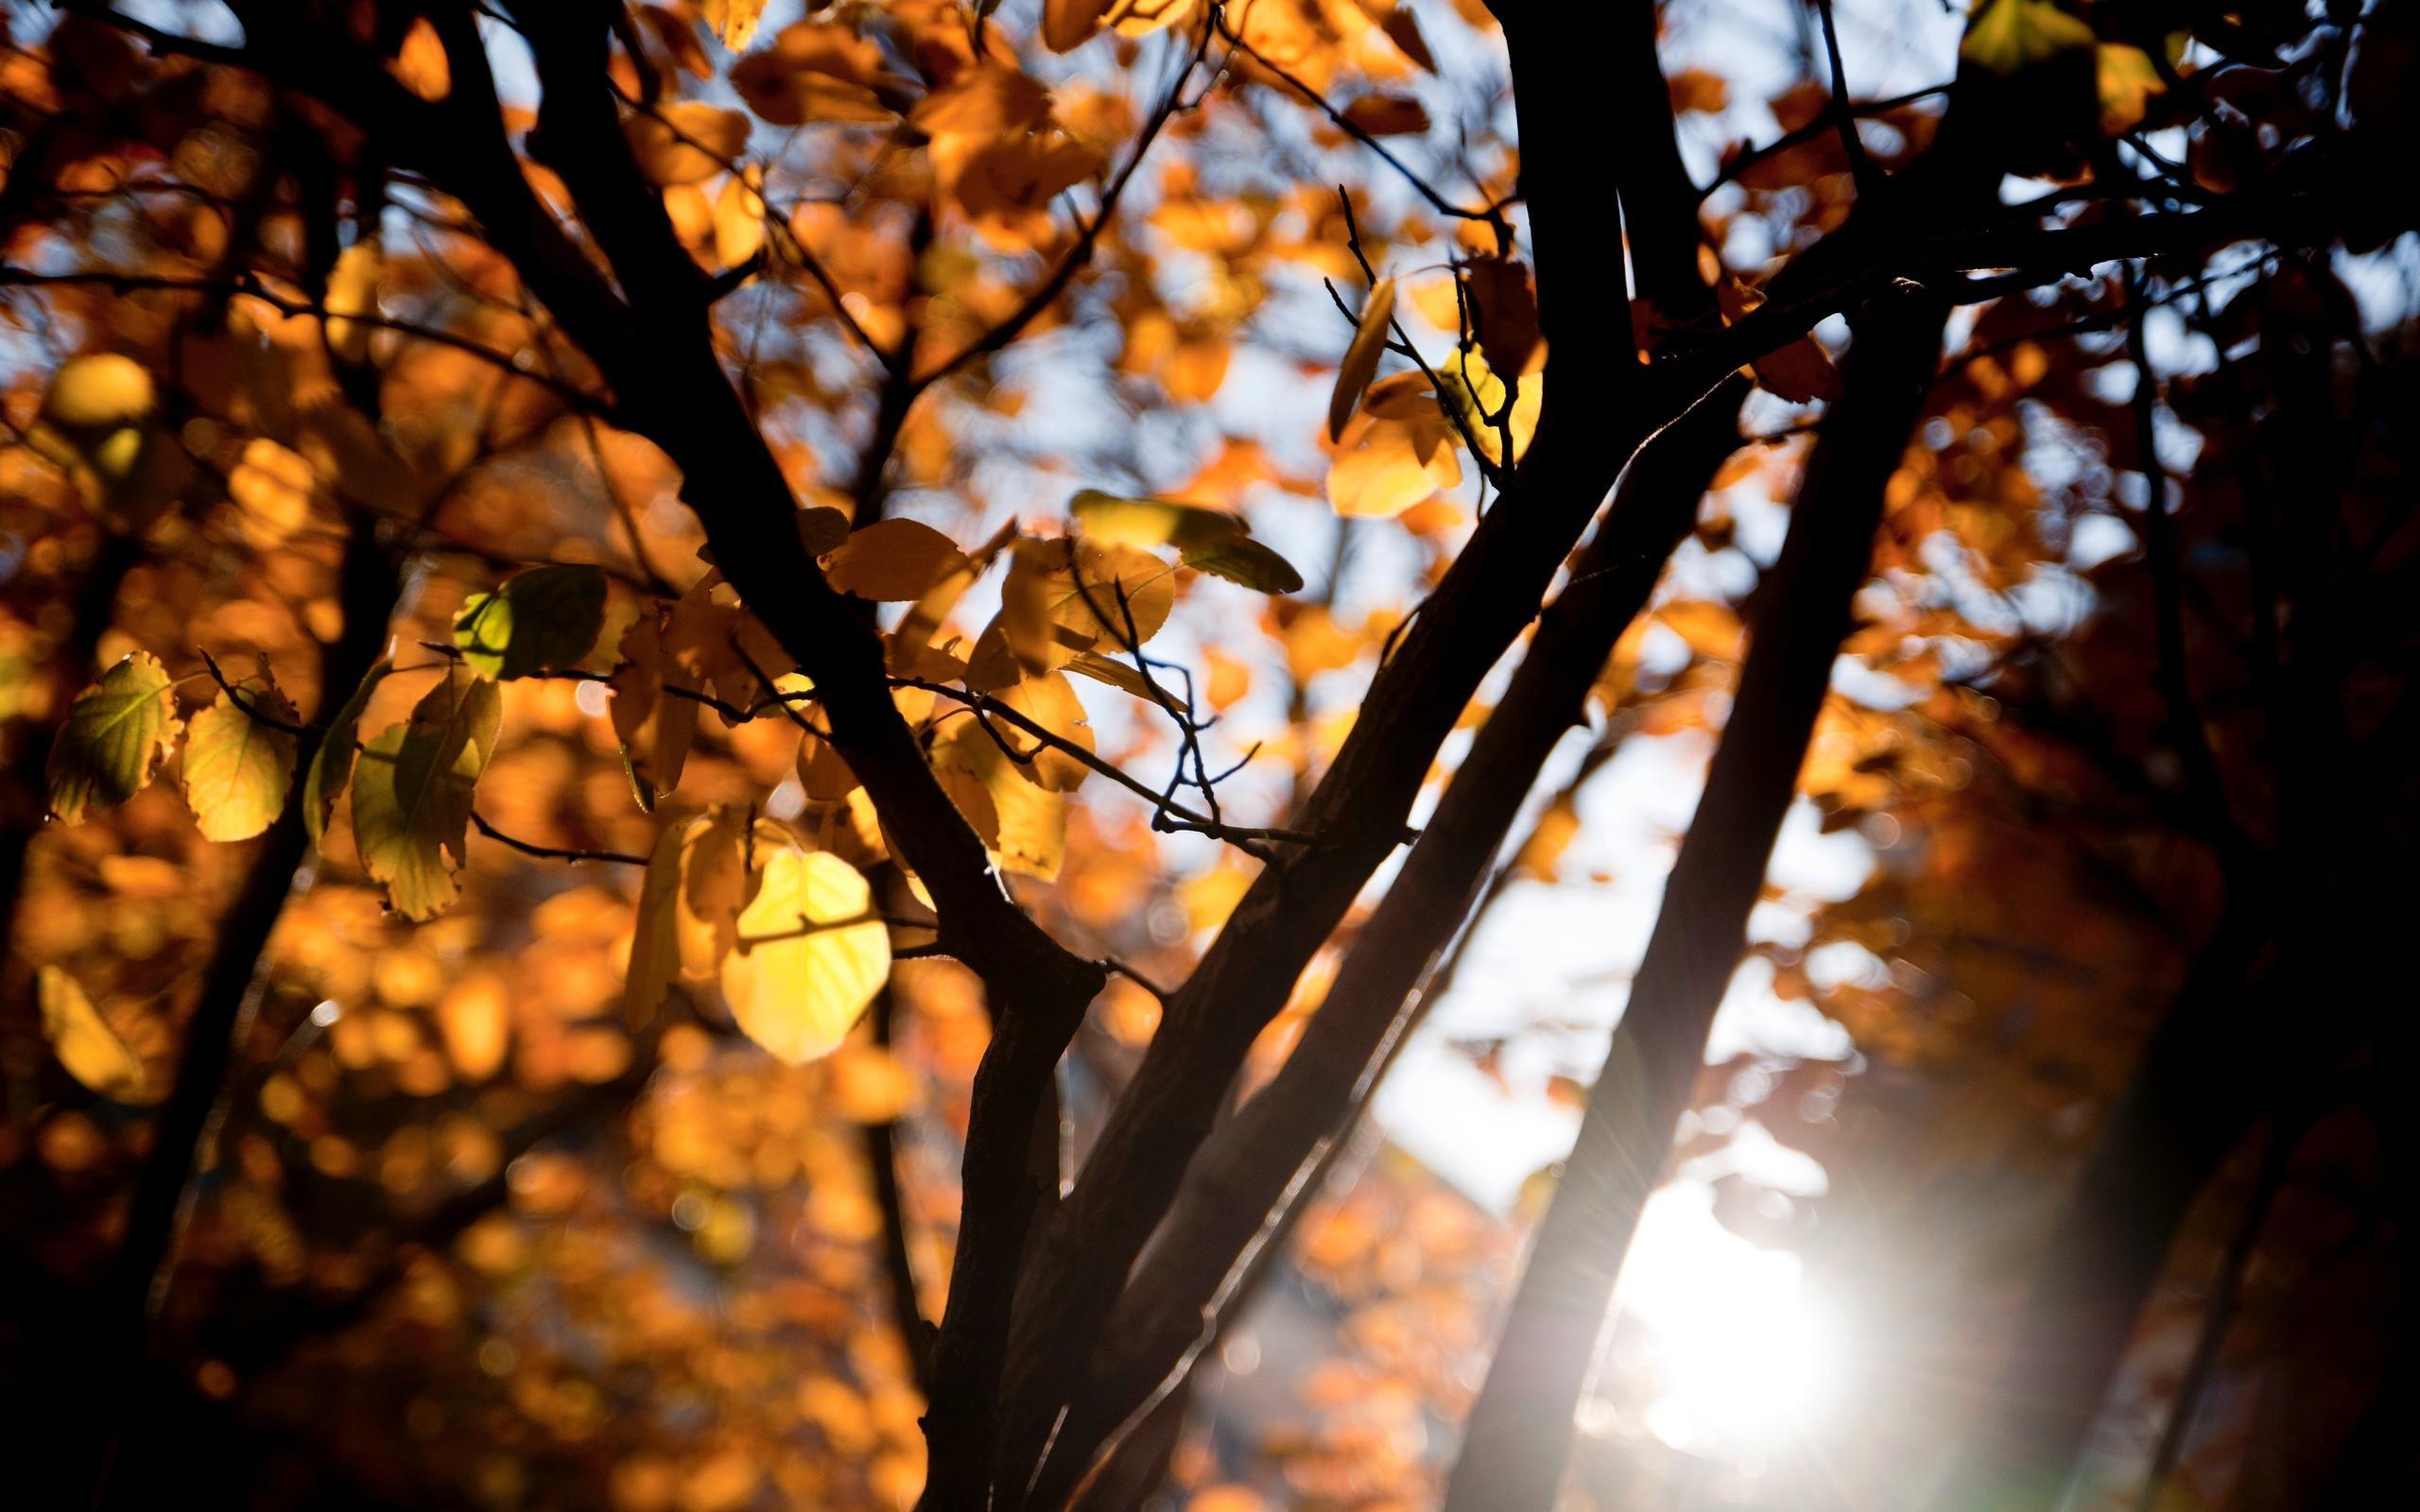 唯美好看的秋天风景桌面壁纸